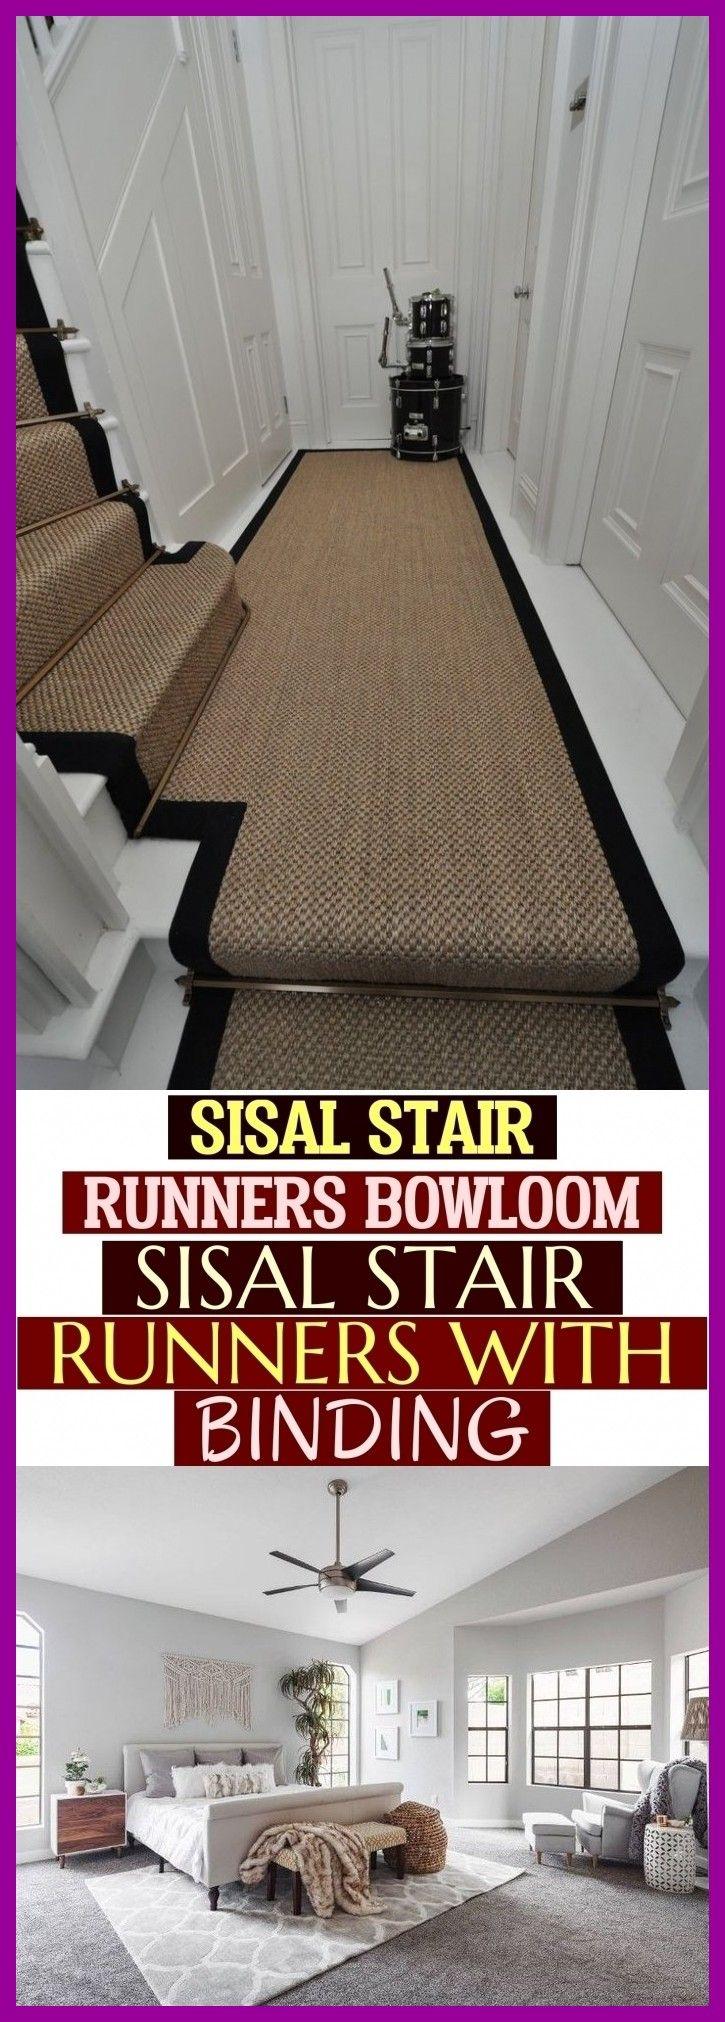 - Sisal Stair Runners Bowloom Sisal Stair Runners With Binding